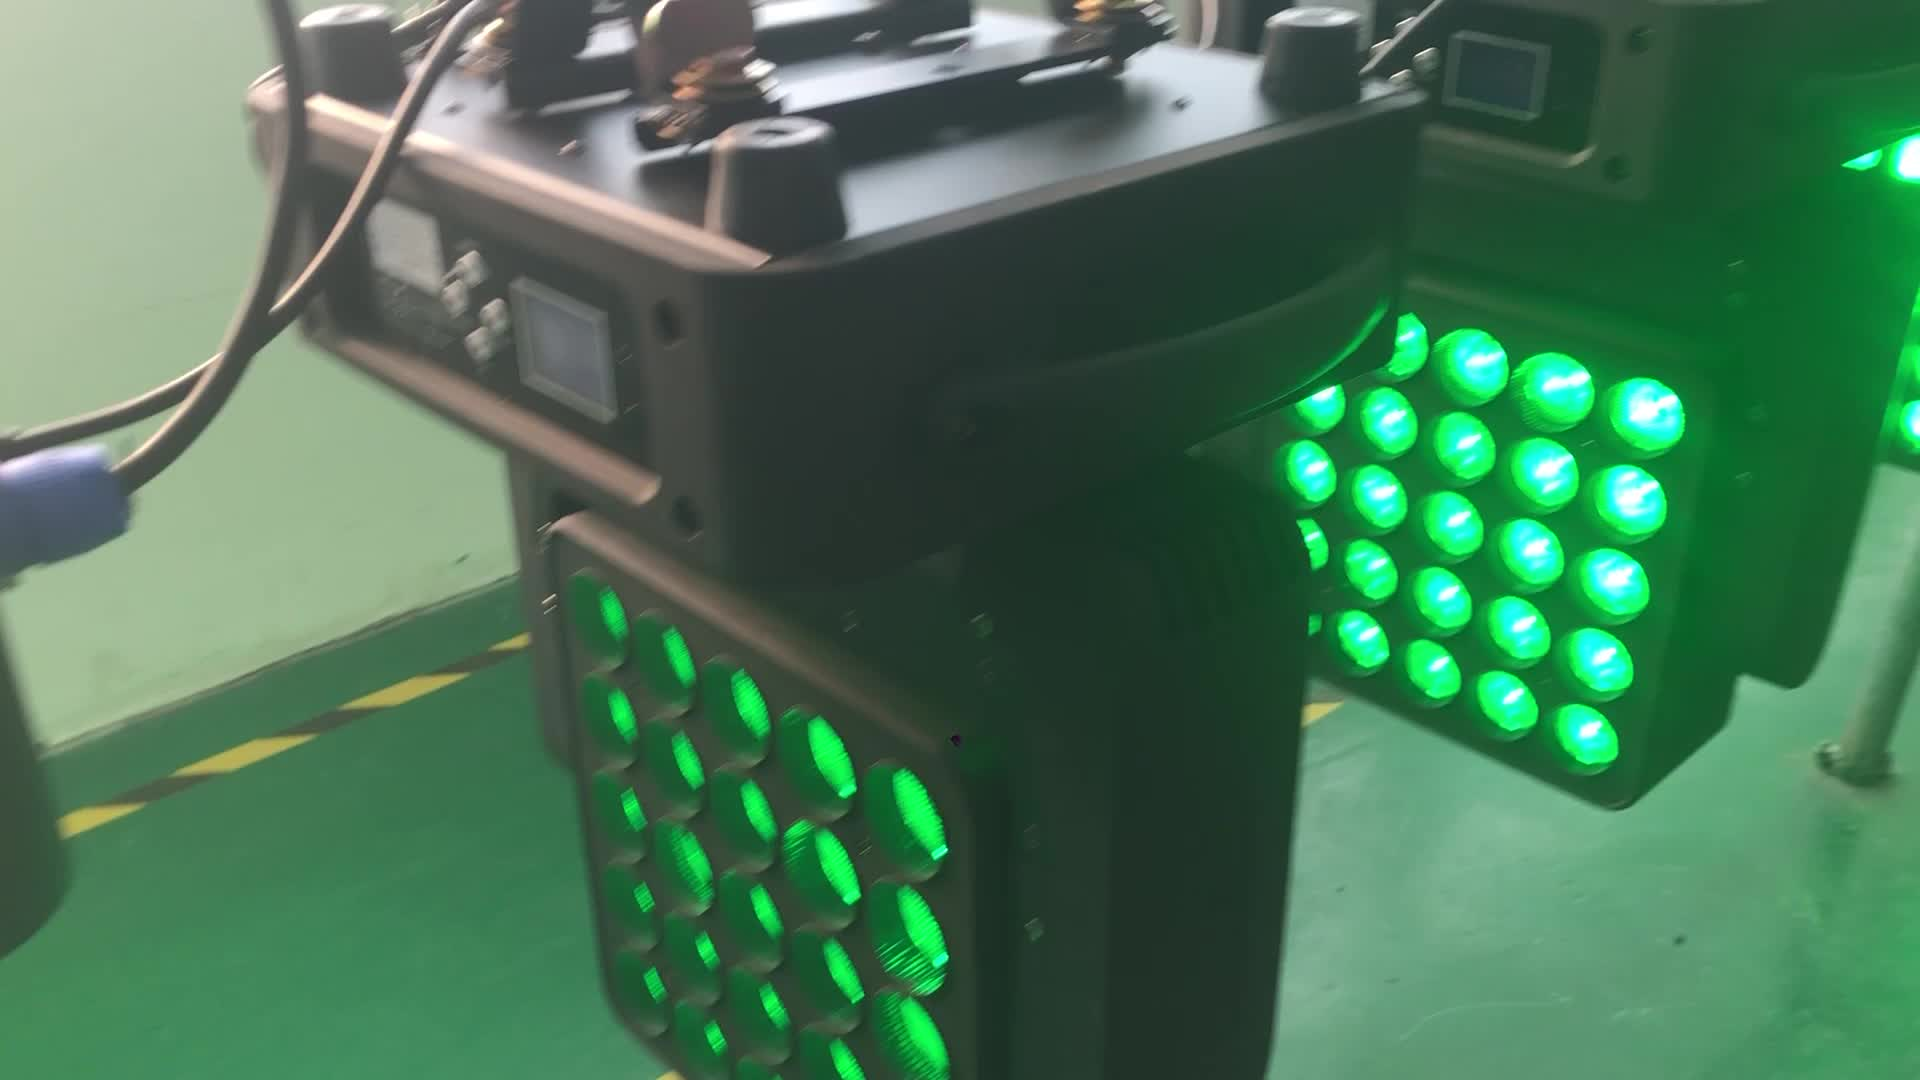 बहतरीन बनाने पिक्सेल प्रभाव या बनाने के उपयोग में निर्मित रंग मैक्रोज़ 25X10 W आगे बढ़ सिर रोशनी